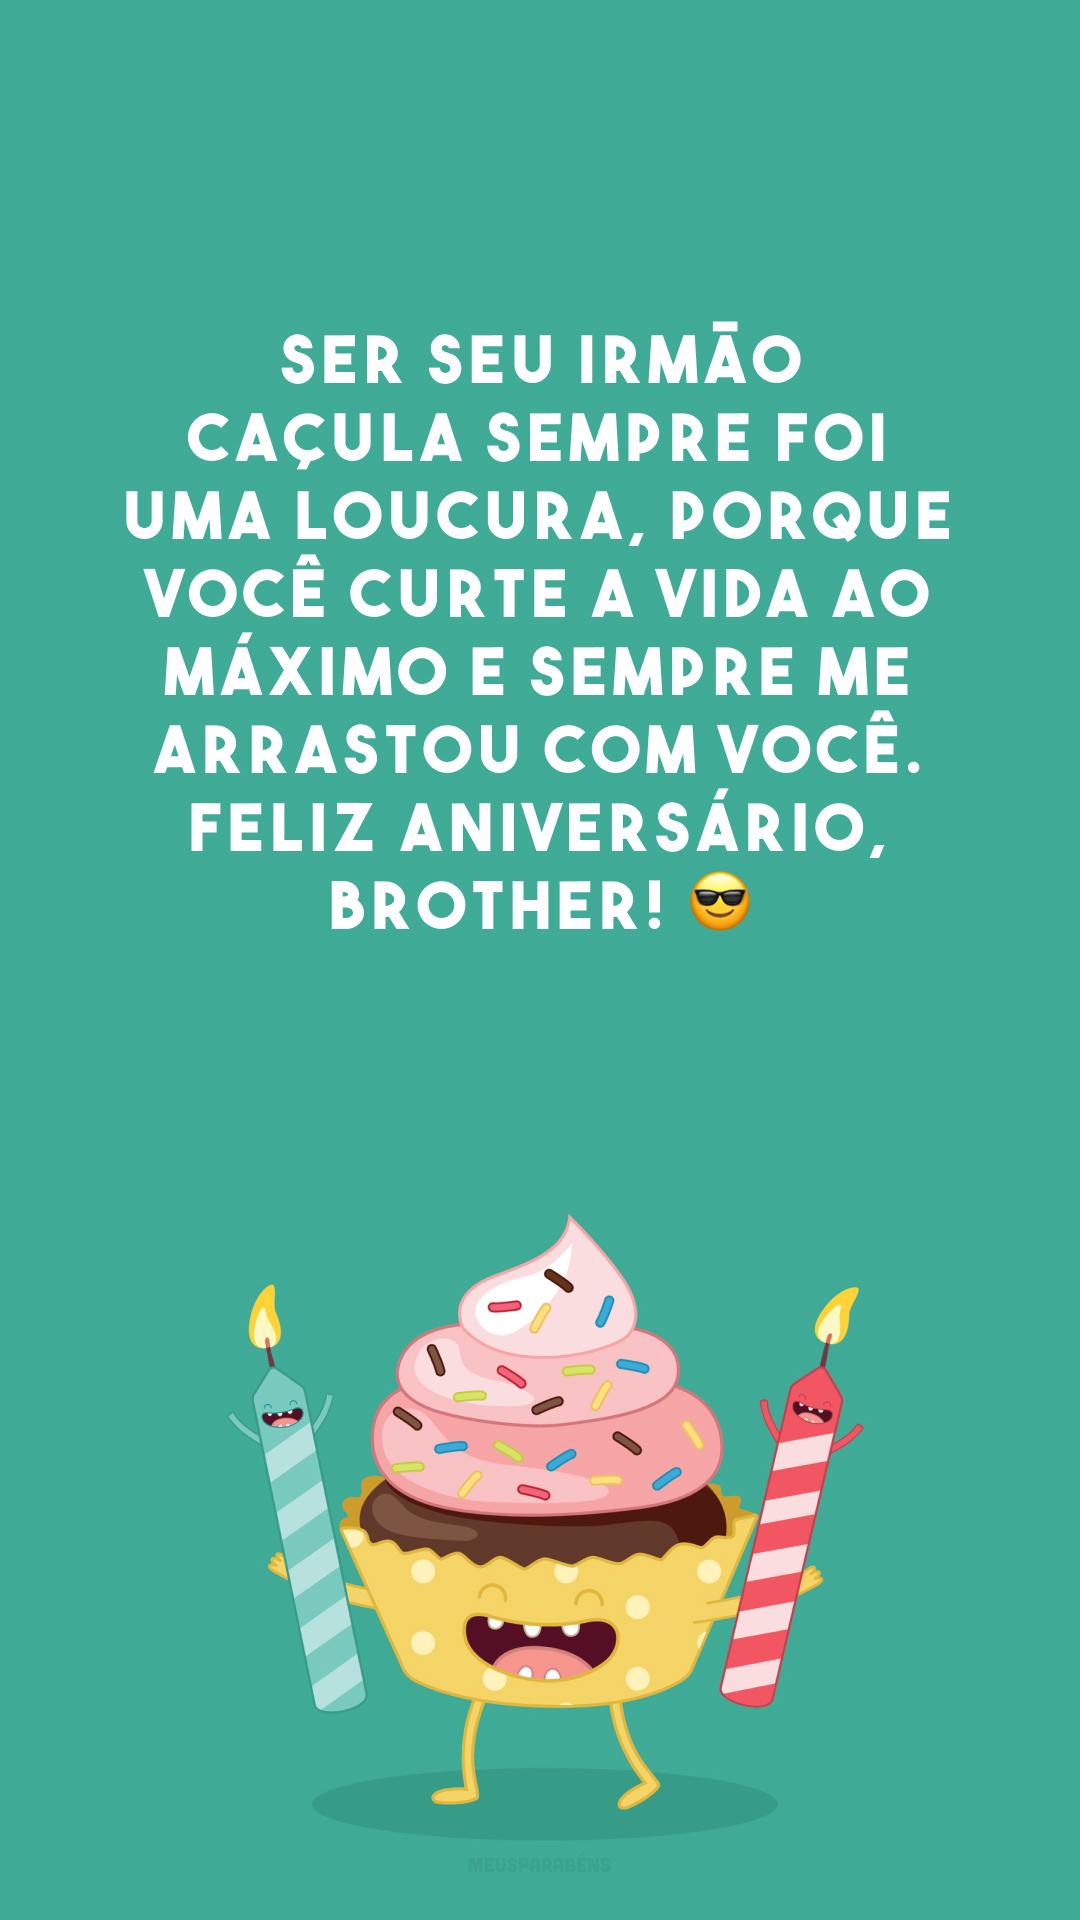 Ser seu irmão caçula sempre foi uma loucura, porque você curte a vida ao máximo e sempre me arrastou com você. Feliz aniversário, brother! ?